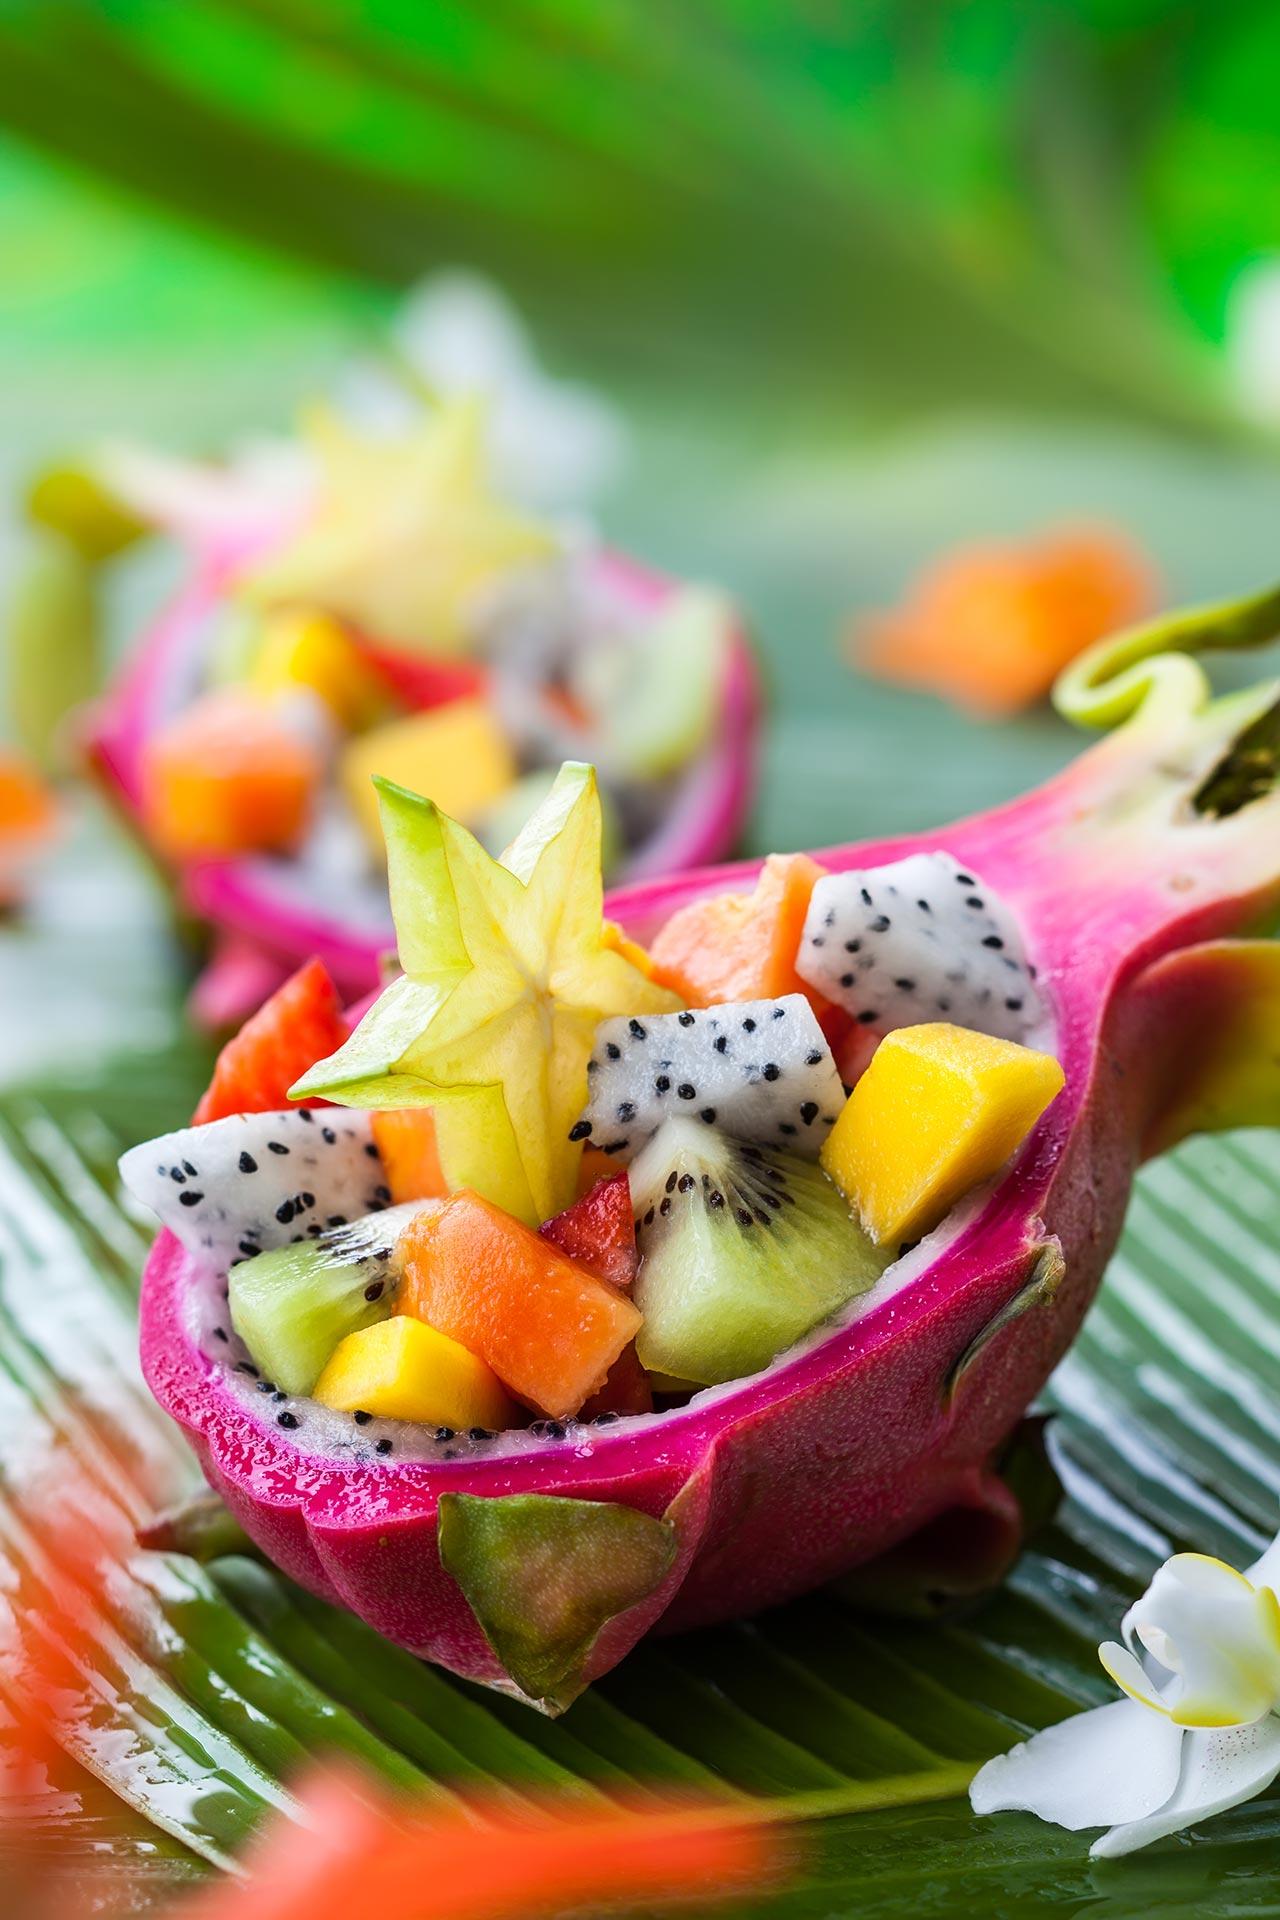 außergewöhnliches Dessert, exotischer Obstsalat Rezept